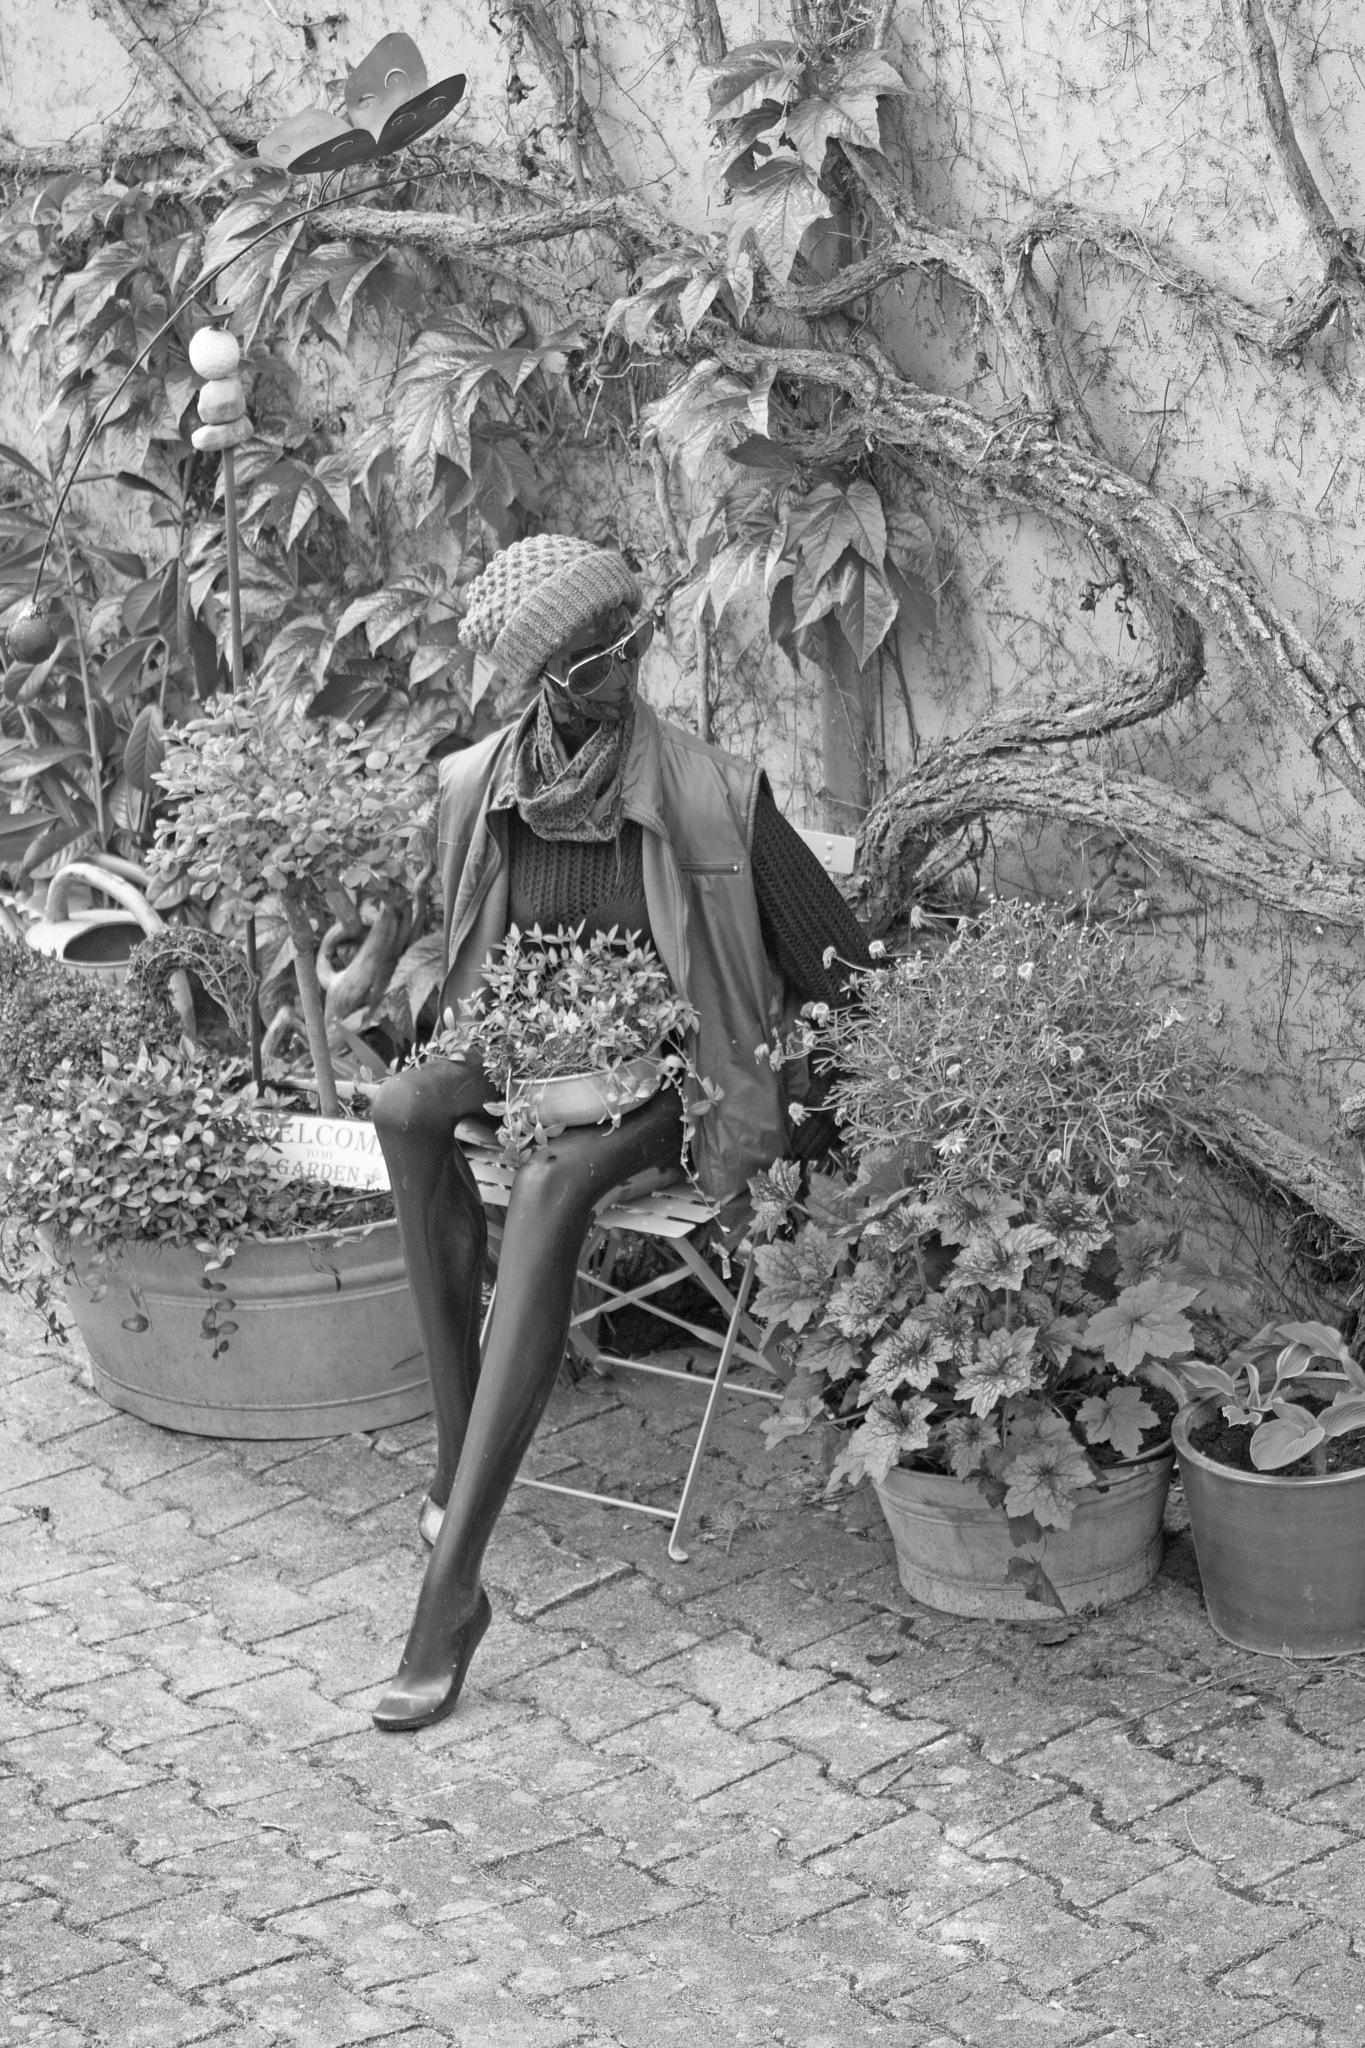 Garden Mannequin by ejk41